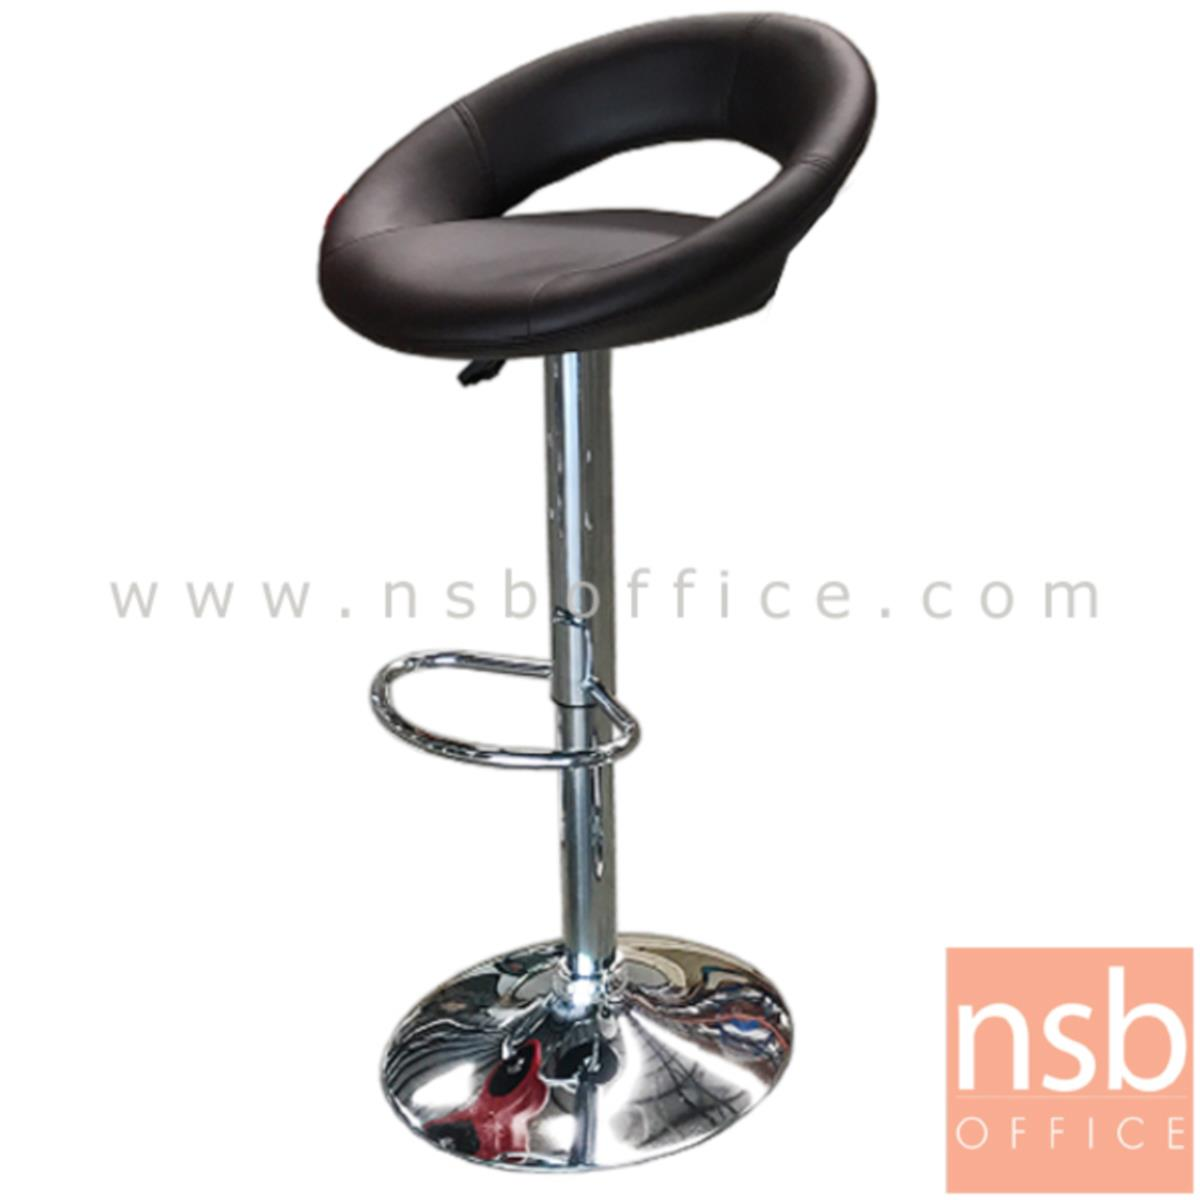 B09A094:เก้าอี้บาร์สูงหนัง PU รุ่น Verve (เวิร์ฟ) ขนาด 52W cm. โช๊คแก๊ส ขาโครเมี่ยมฐานจานกลม